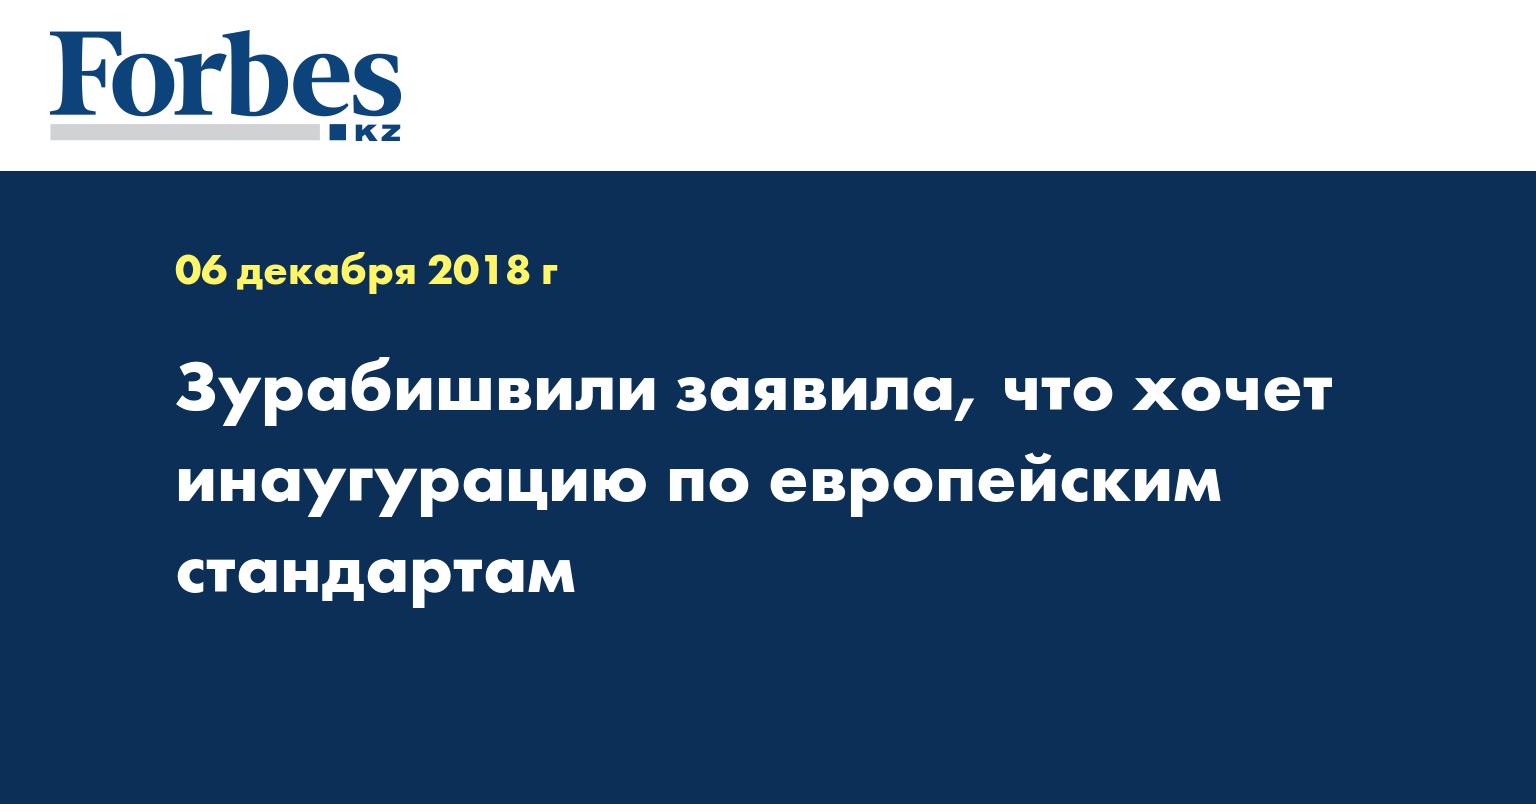 Зурабишвили заявила, что хочет инаугурацию по европейским стандартам